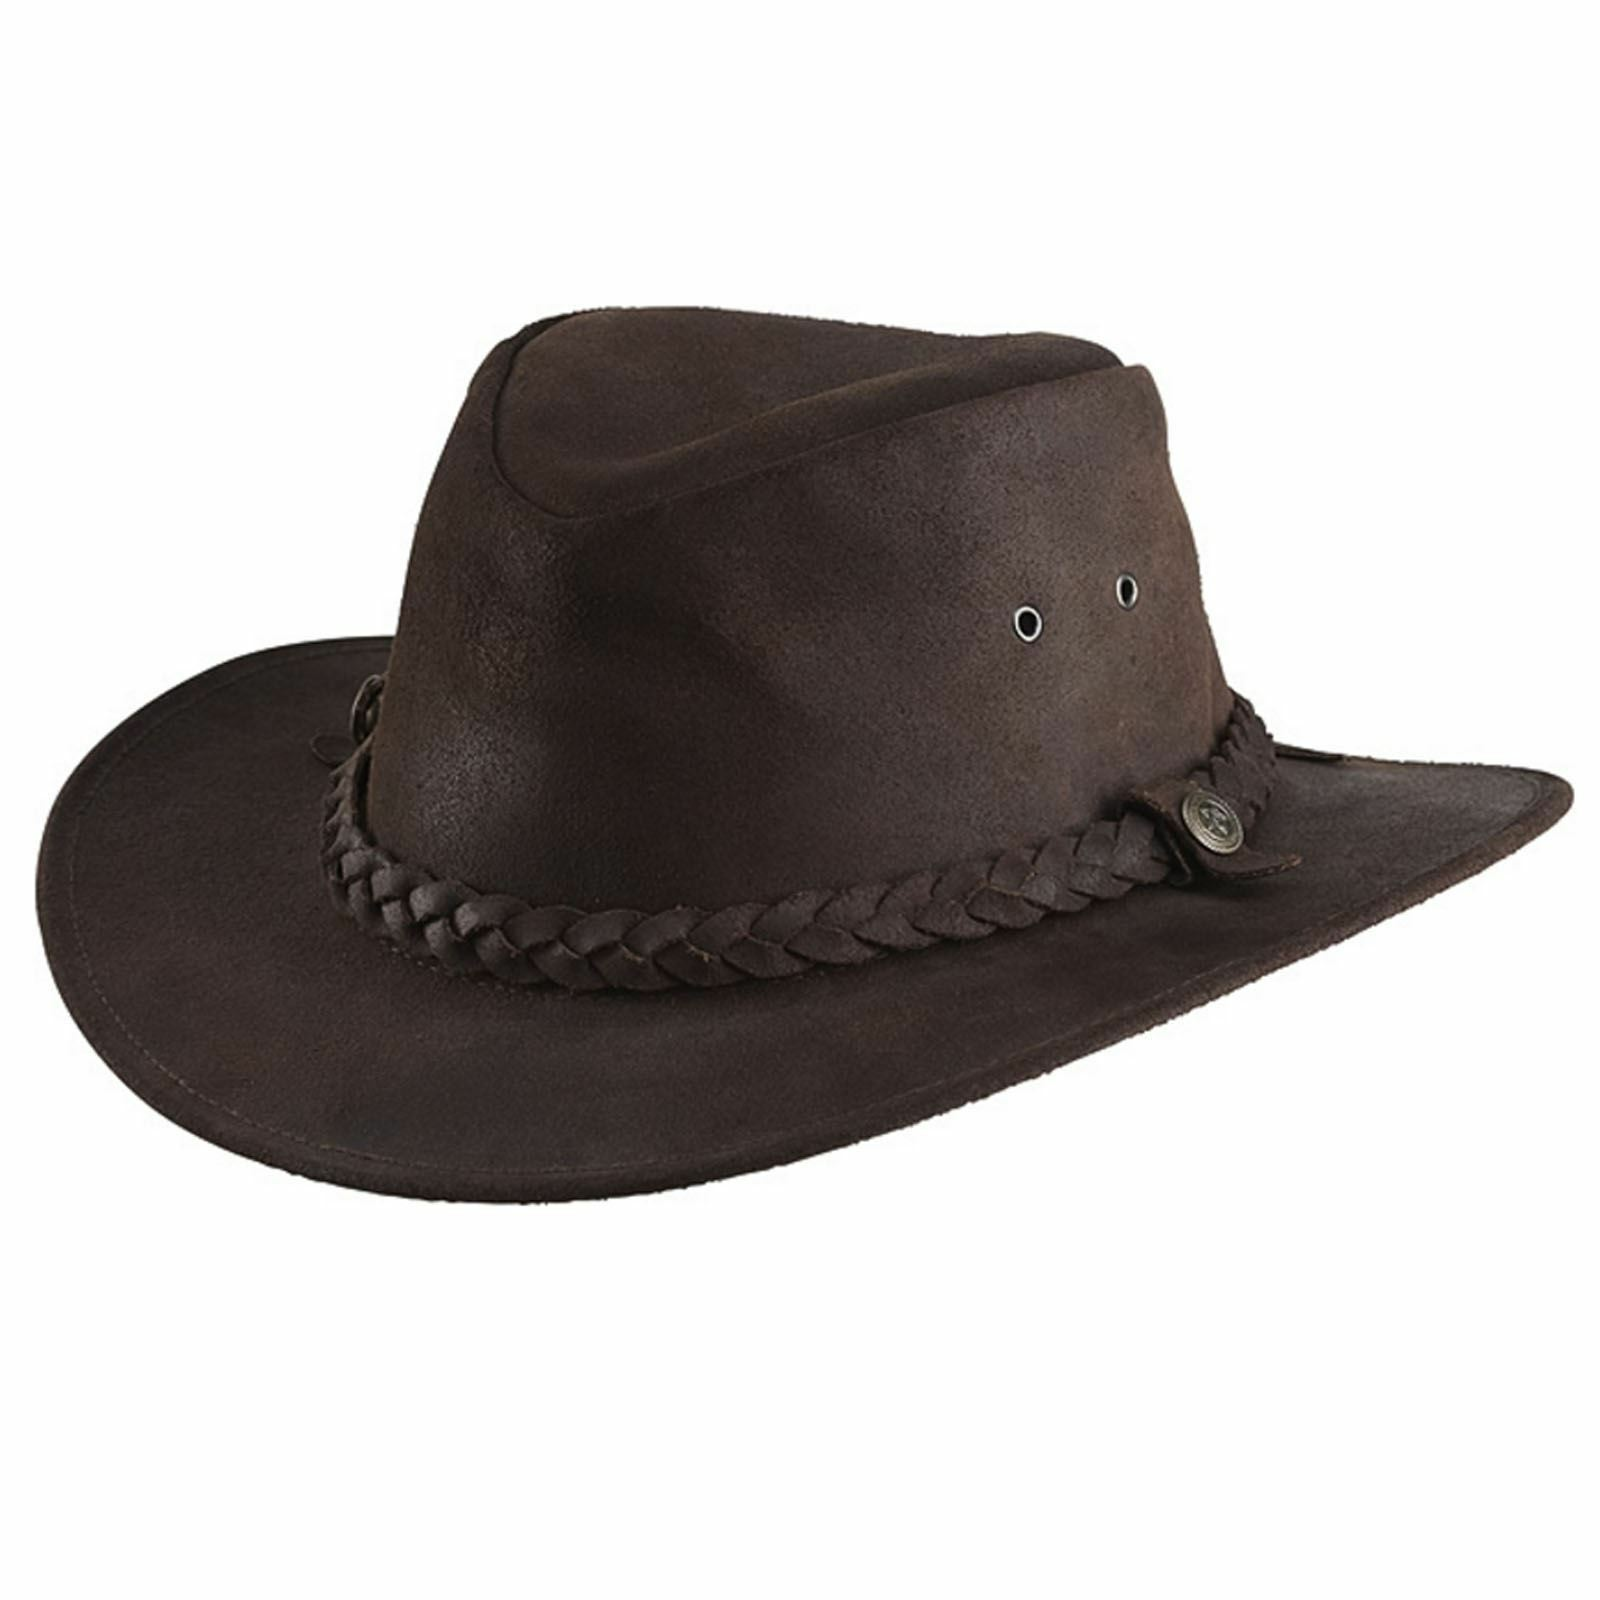 Randol's Oiled  Suede Western Hat Havana  40% off